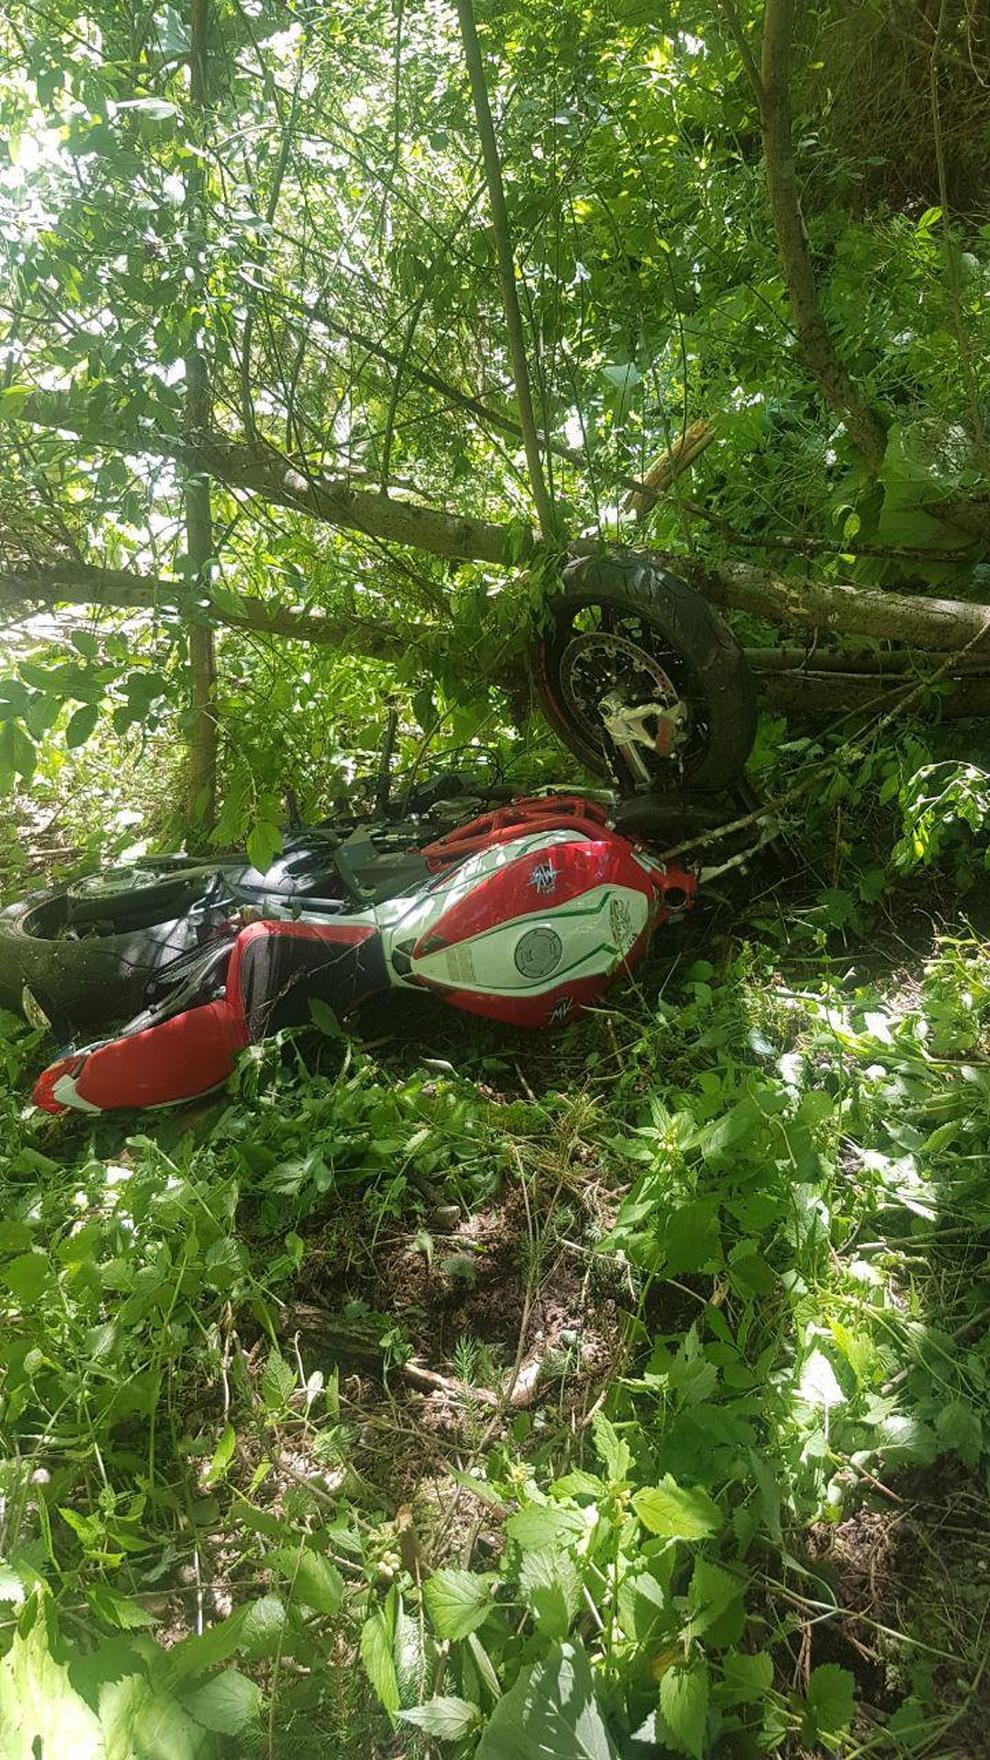 Il motociclista finito nel burrone a Santo Stefano di Cadore - Il Gazzettino